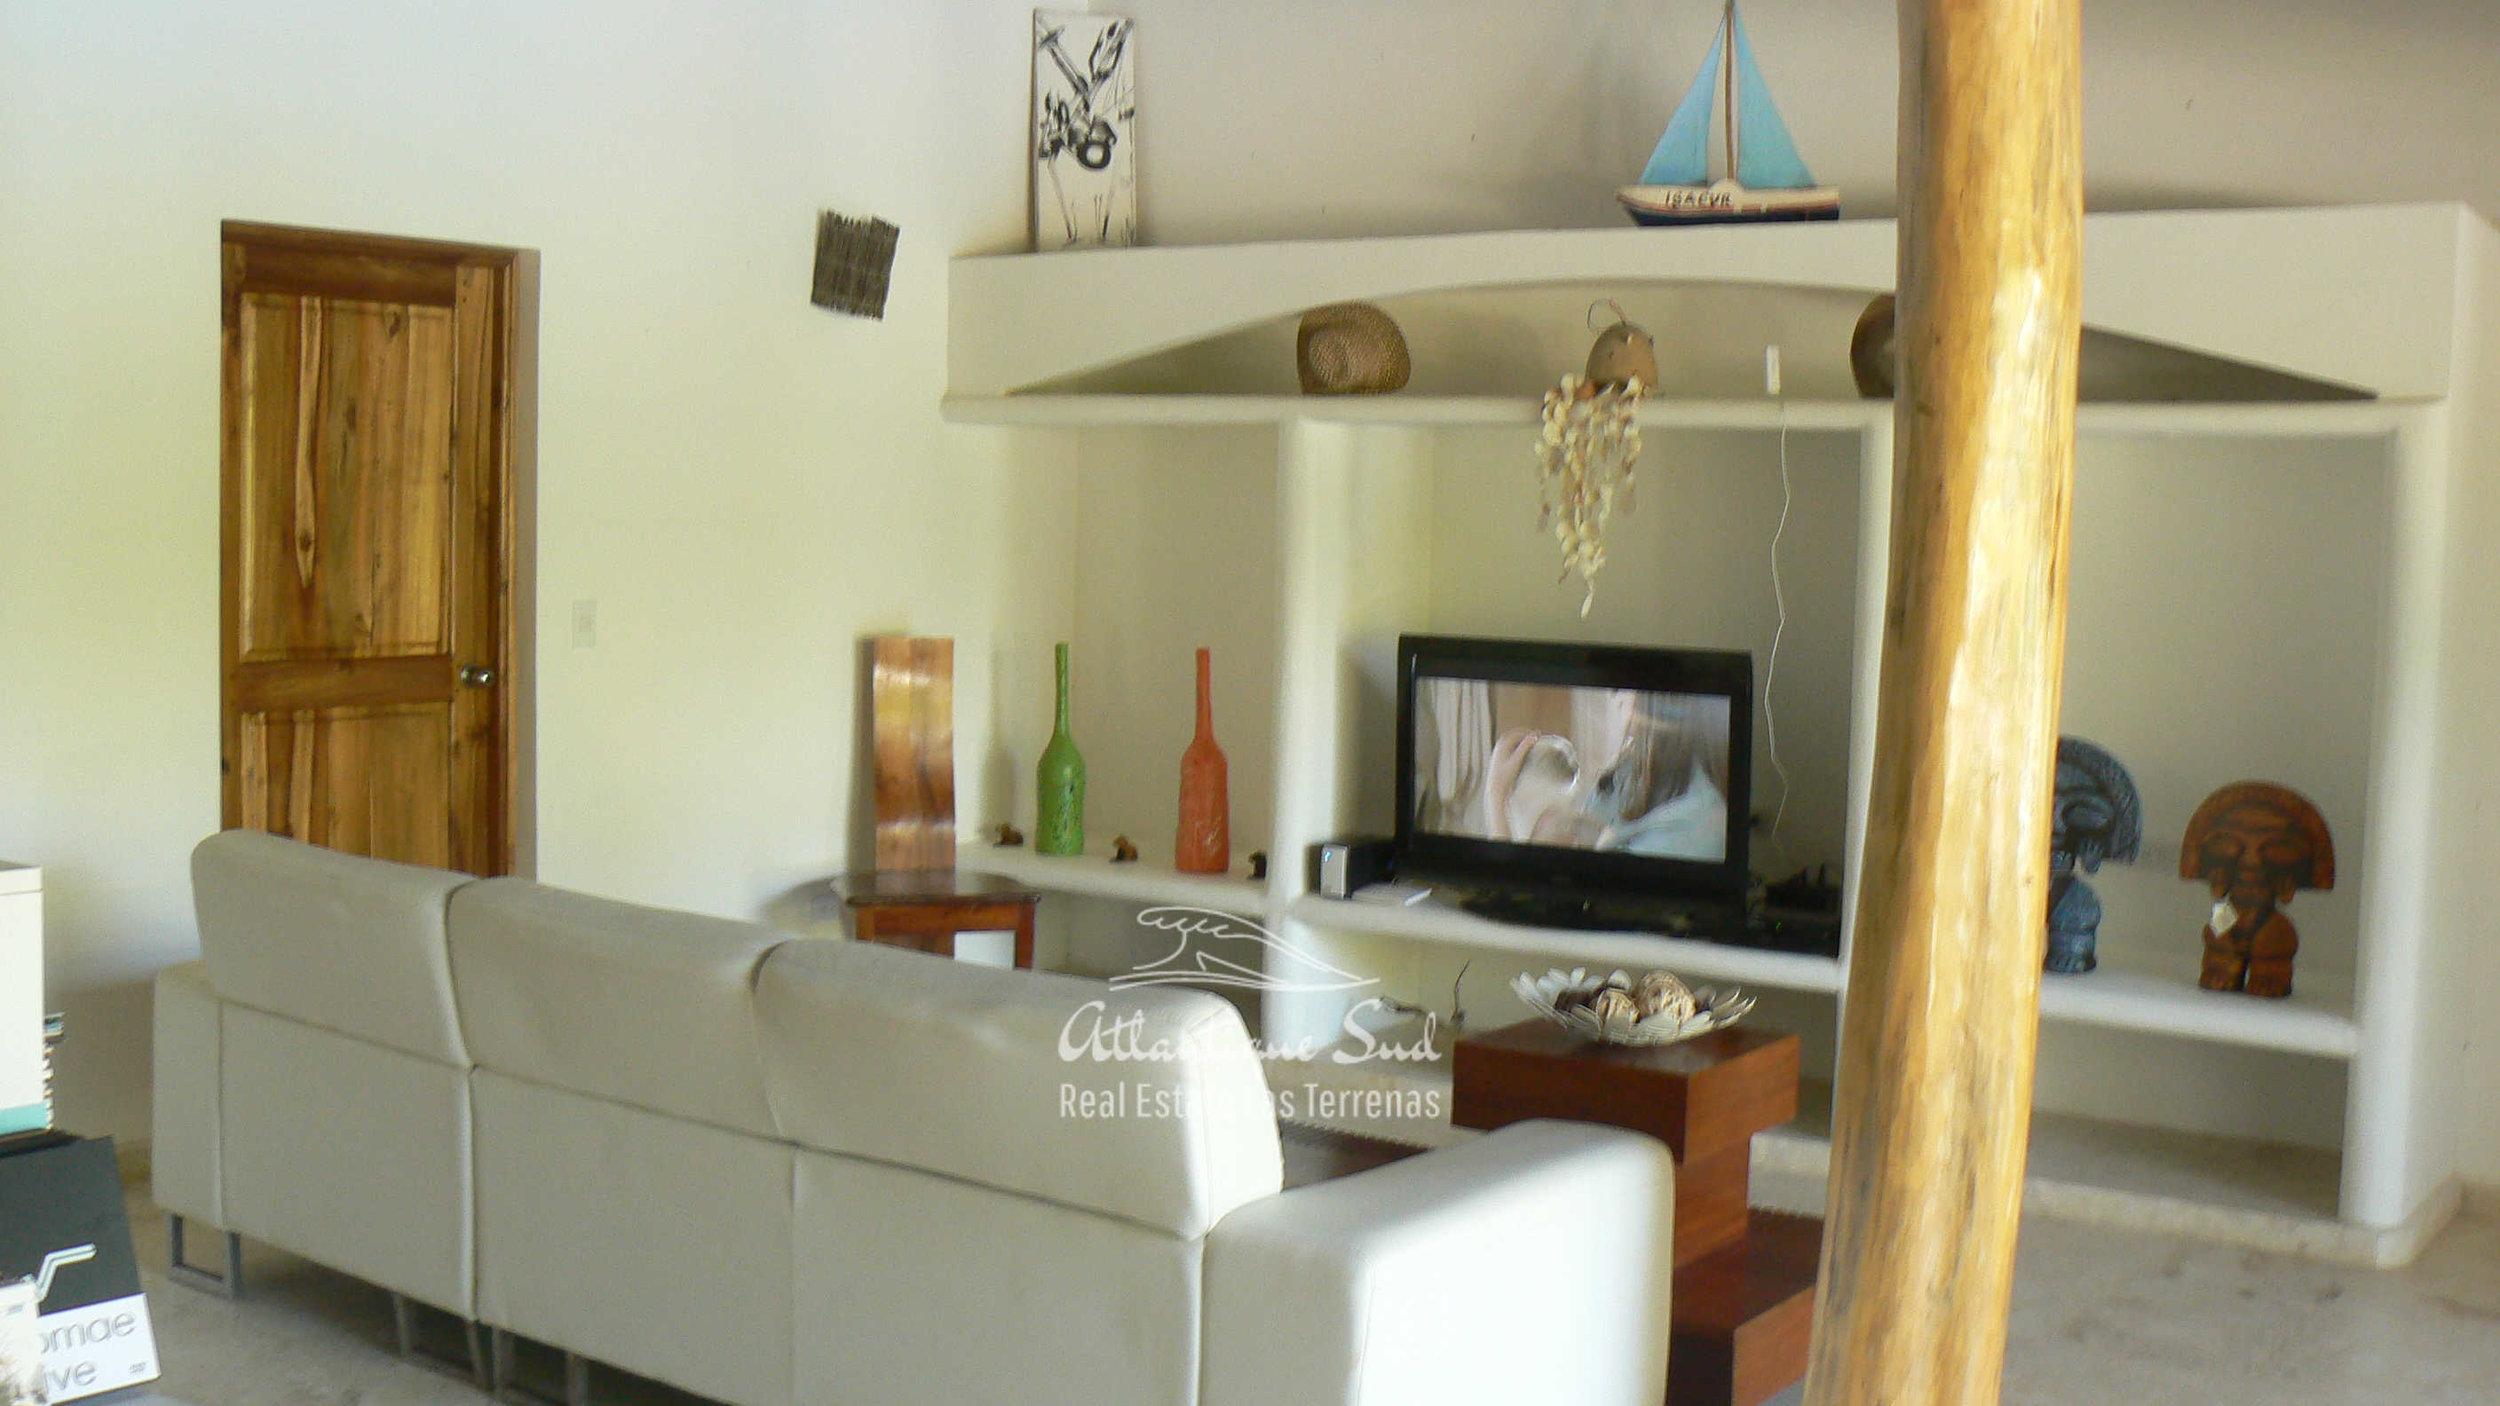 Villa in los nomadas for sale Las Terrenas DR 4.jpg